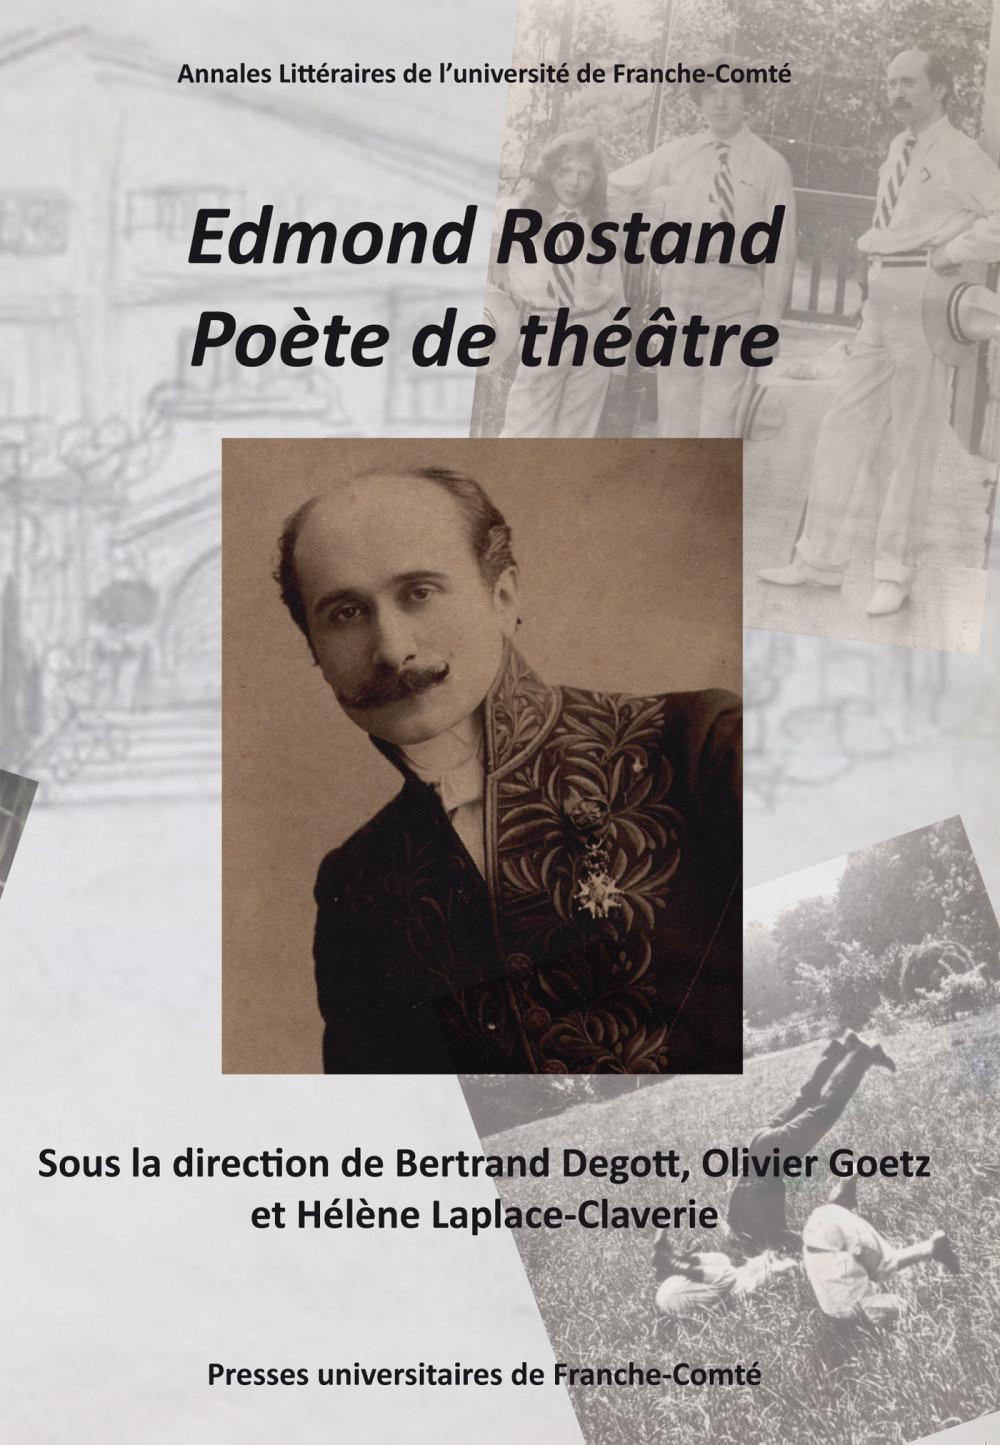 B. Degott, O. Goetz, H. Laplace-Claverie (dir.), Edmond Rostand, poète de théâtre